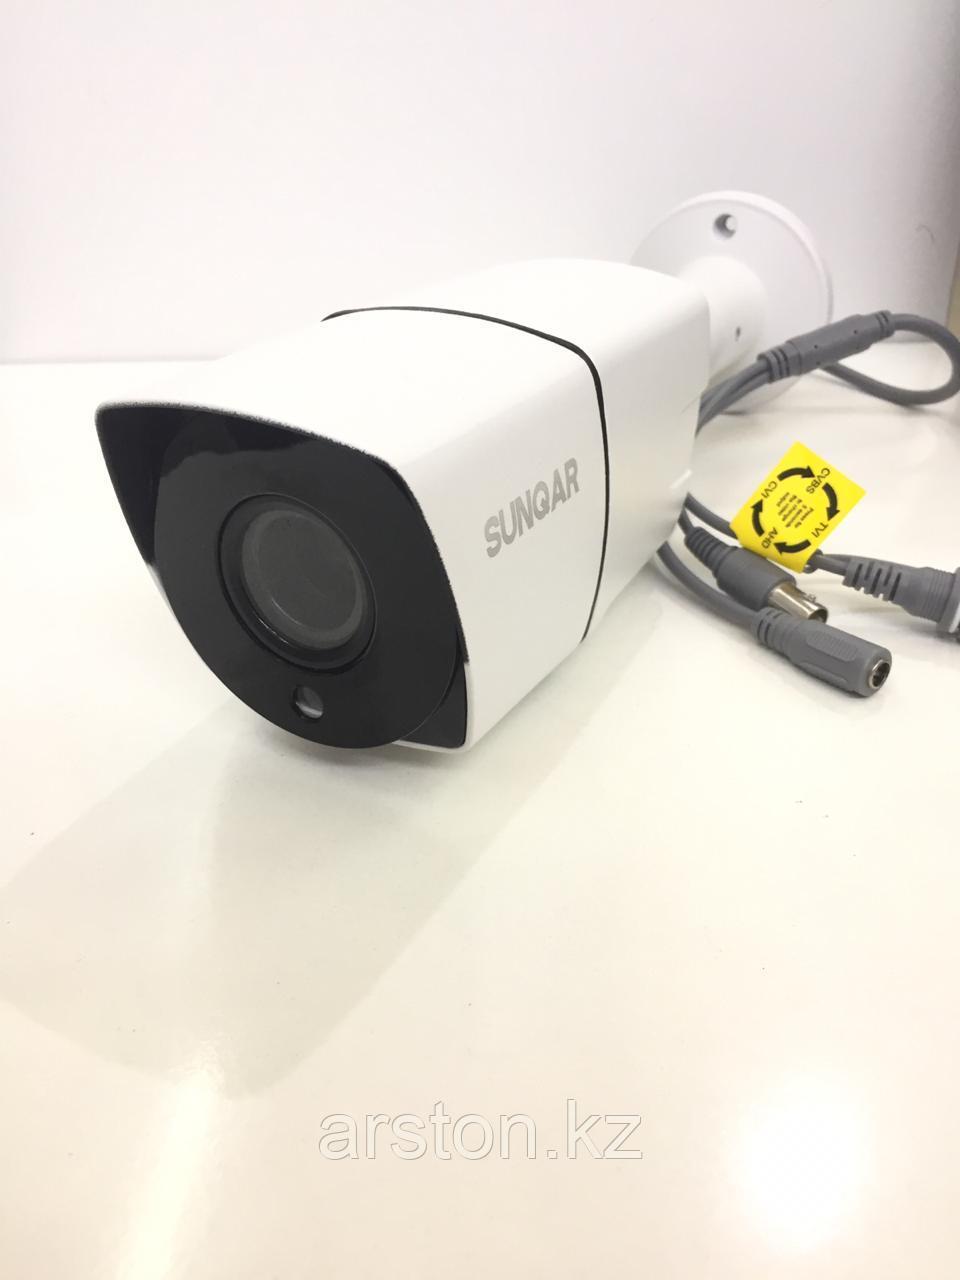 AHD уличная камера 4 в 1 варифокальная